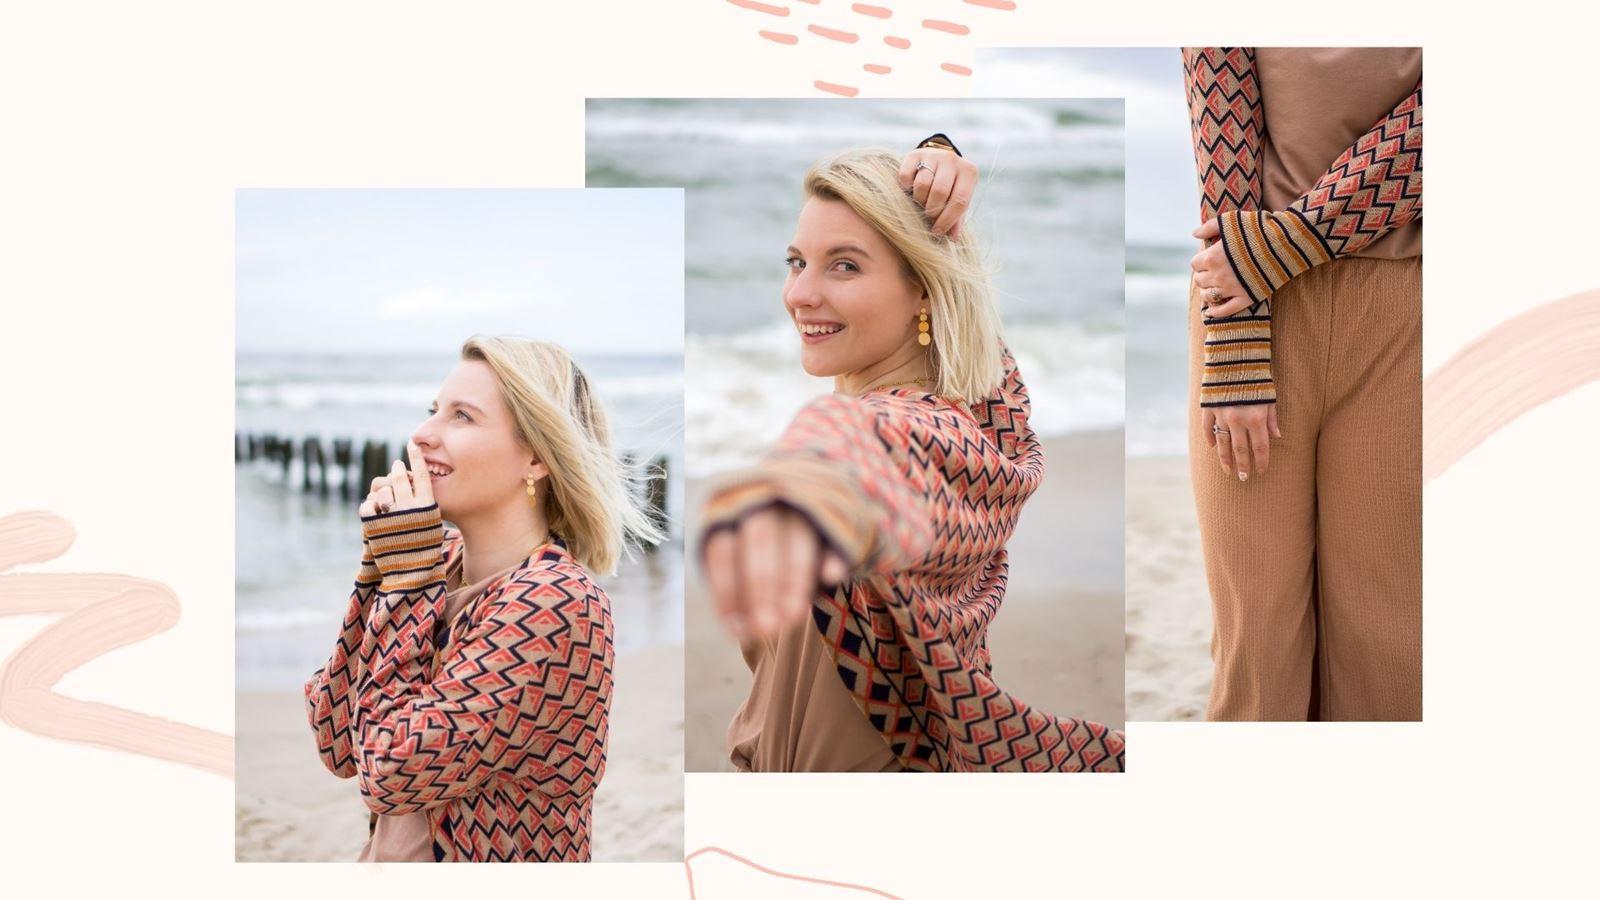 Bonprix opinie ceny jakość ubrania kardigan w azteckie wzory sweter bez zapięcia beżowe kuloty ubrania bez prasowania tanie tshirty basic na-kd lounge melodylaniella blog łódź lifestyle moda